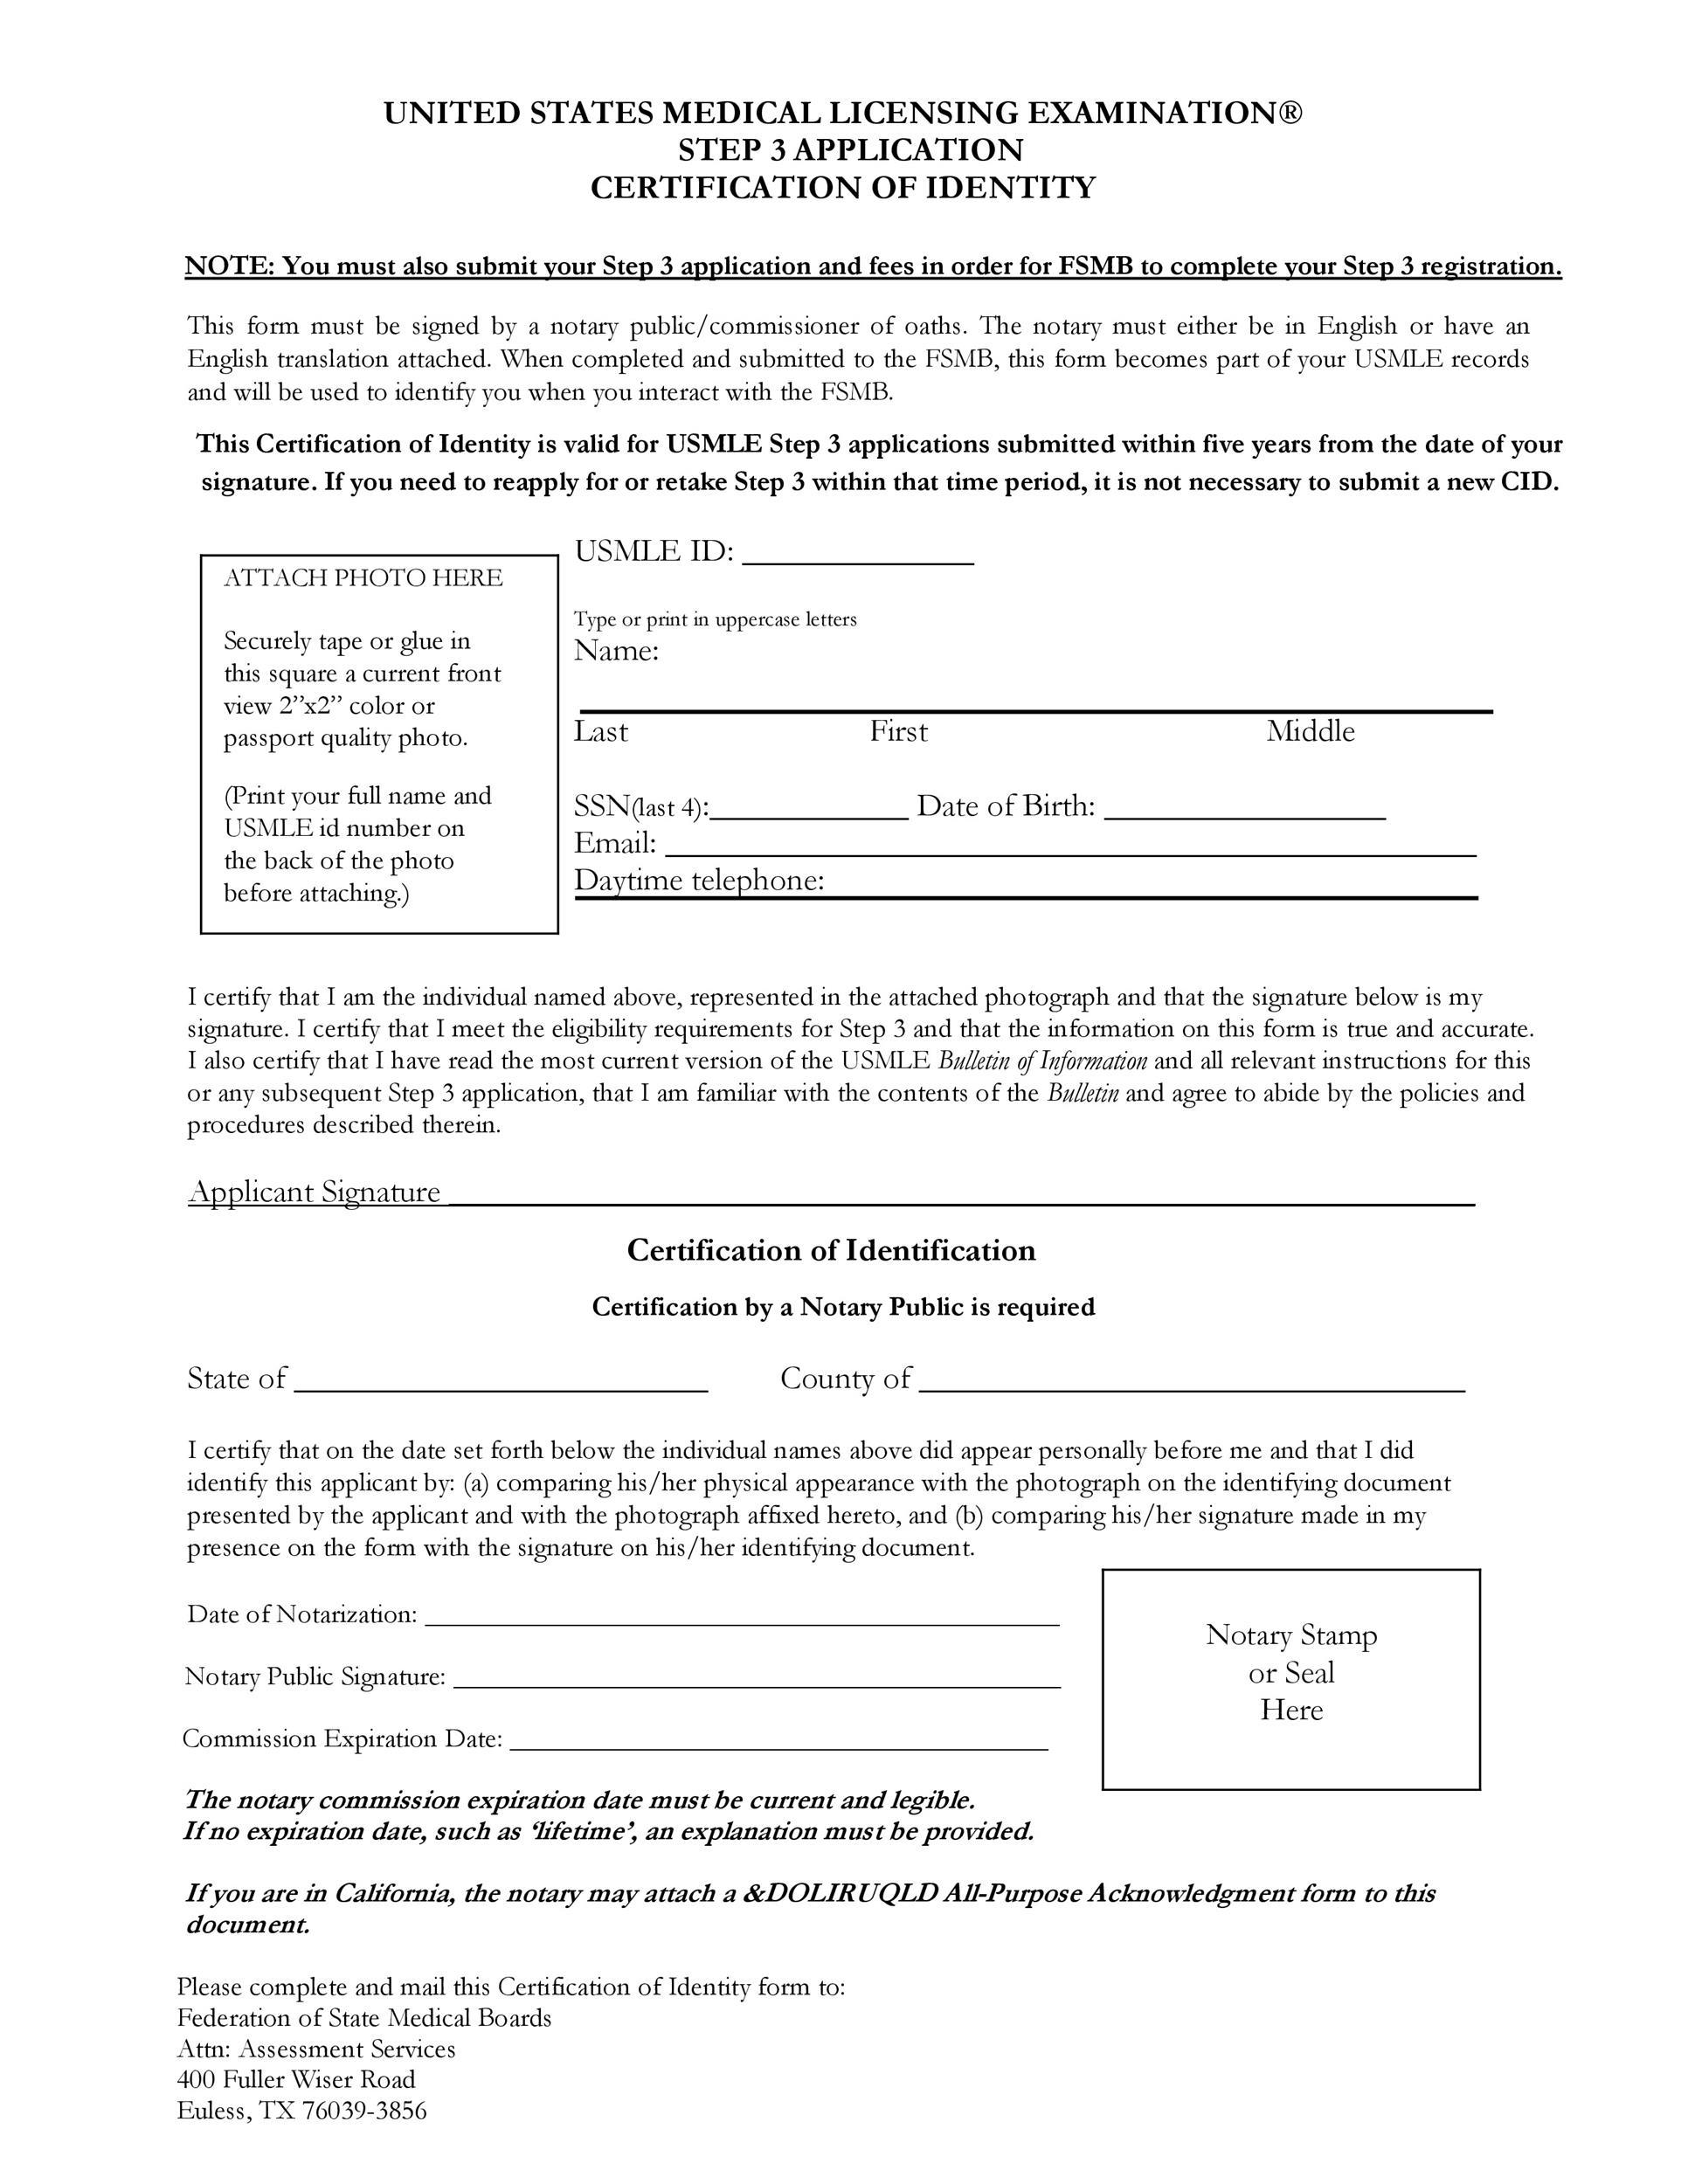 Free affidavit of identity 46